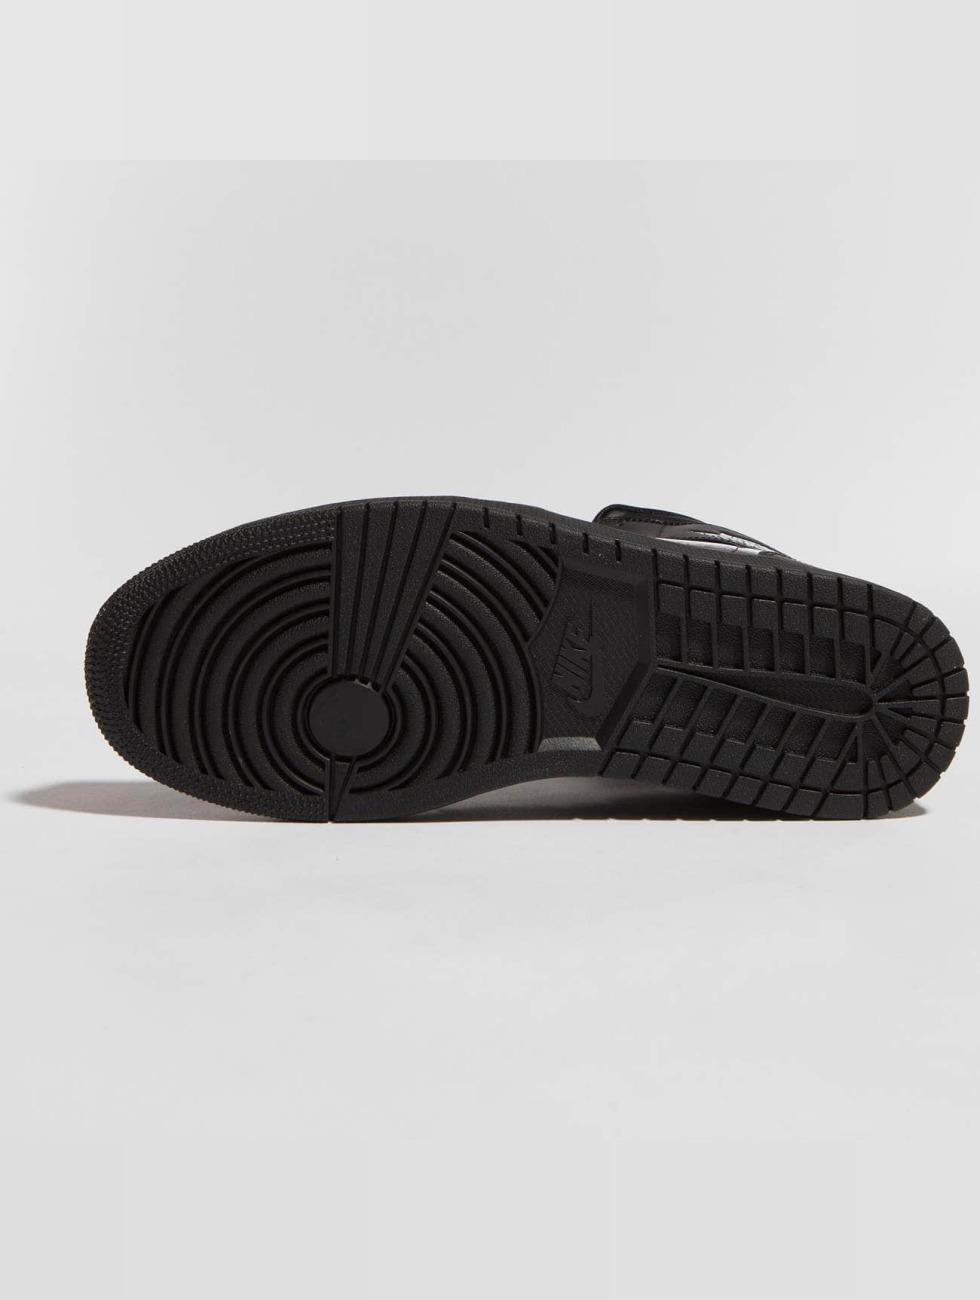 Chaussure Jordan / Chaussure 1 Mid Noir 444 673 Vente Pas Cher Édition Limitée 2018 Prix Pas Cher Commander En Ligne Pas Cher Liquidations Nouveaux Styles KYmmSv